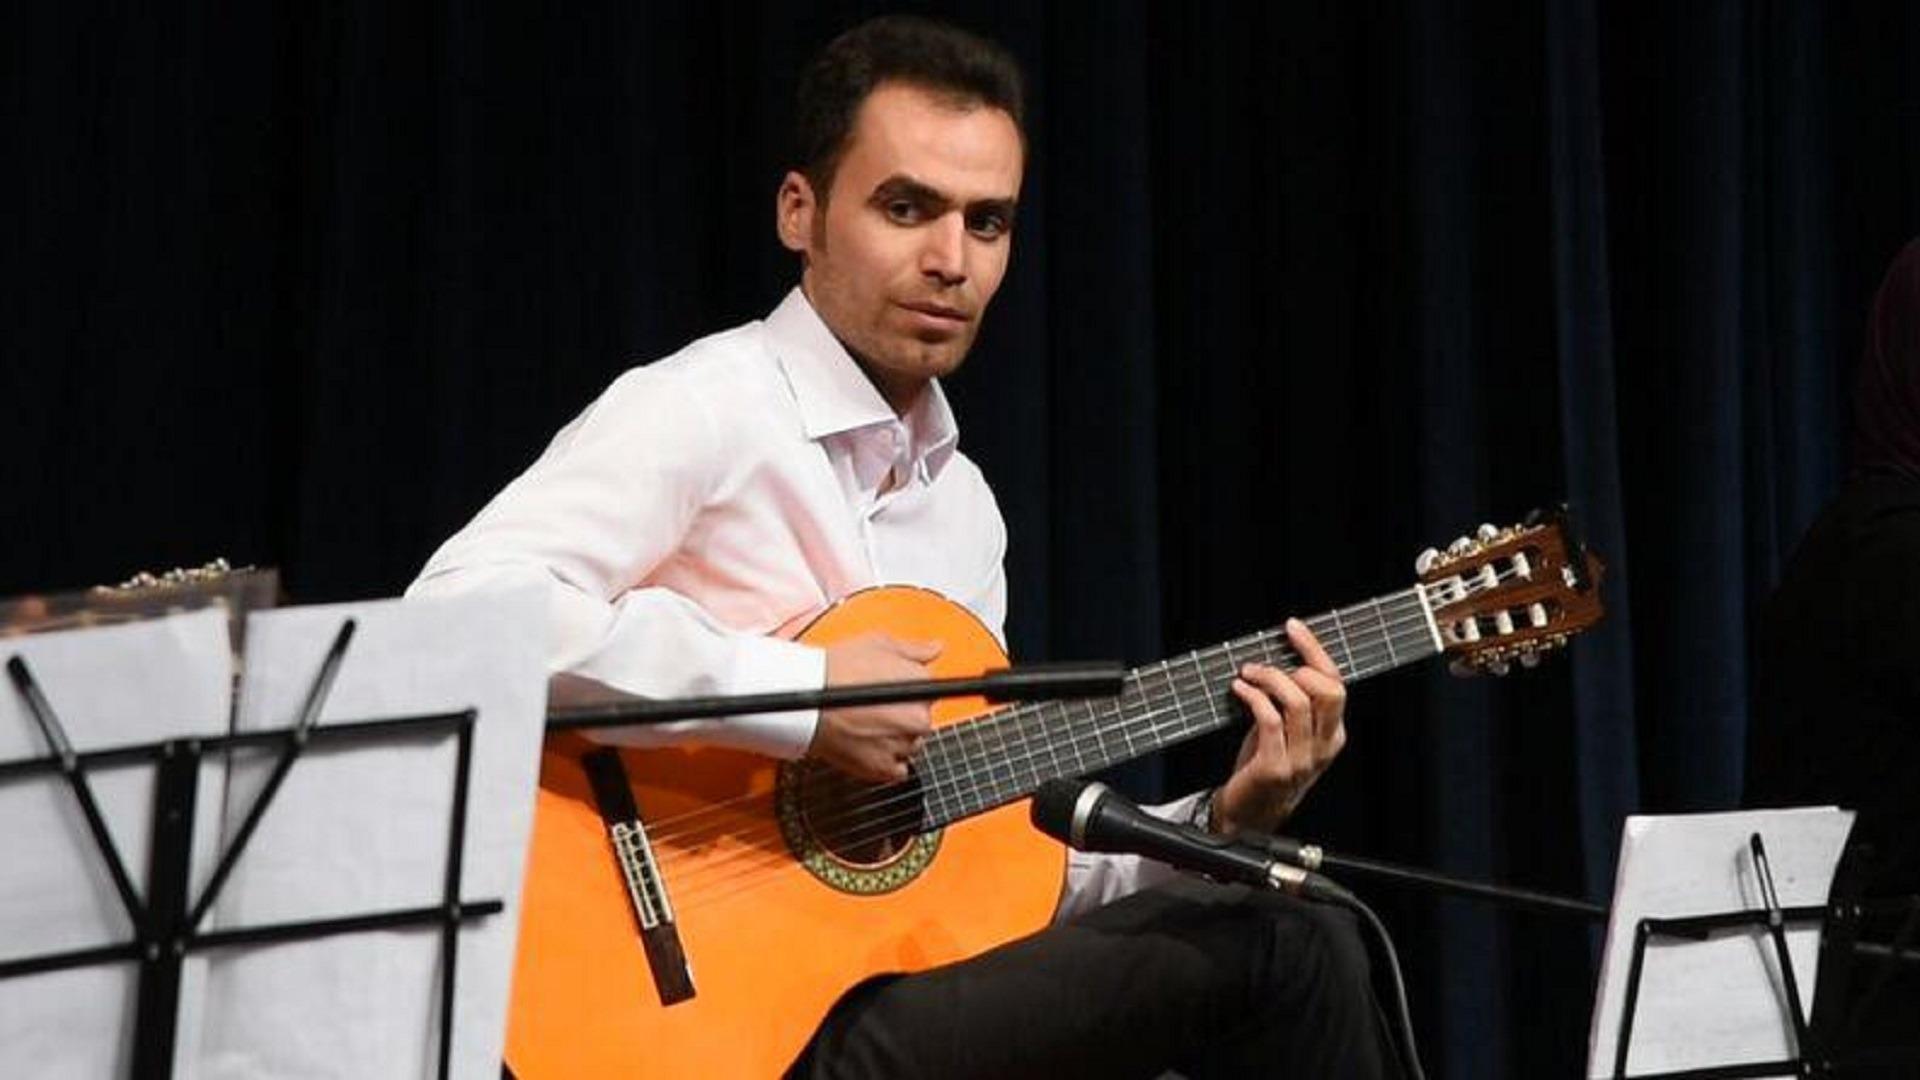 محسن اخلاقی مدرس گیتار در آموزشگاه موسیقی آوای جاوید